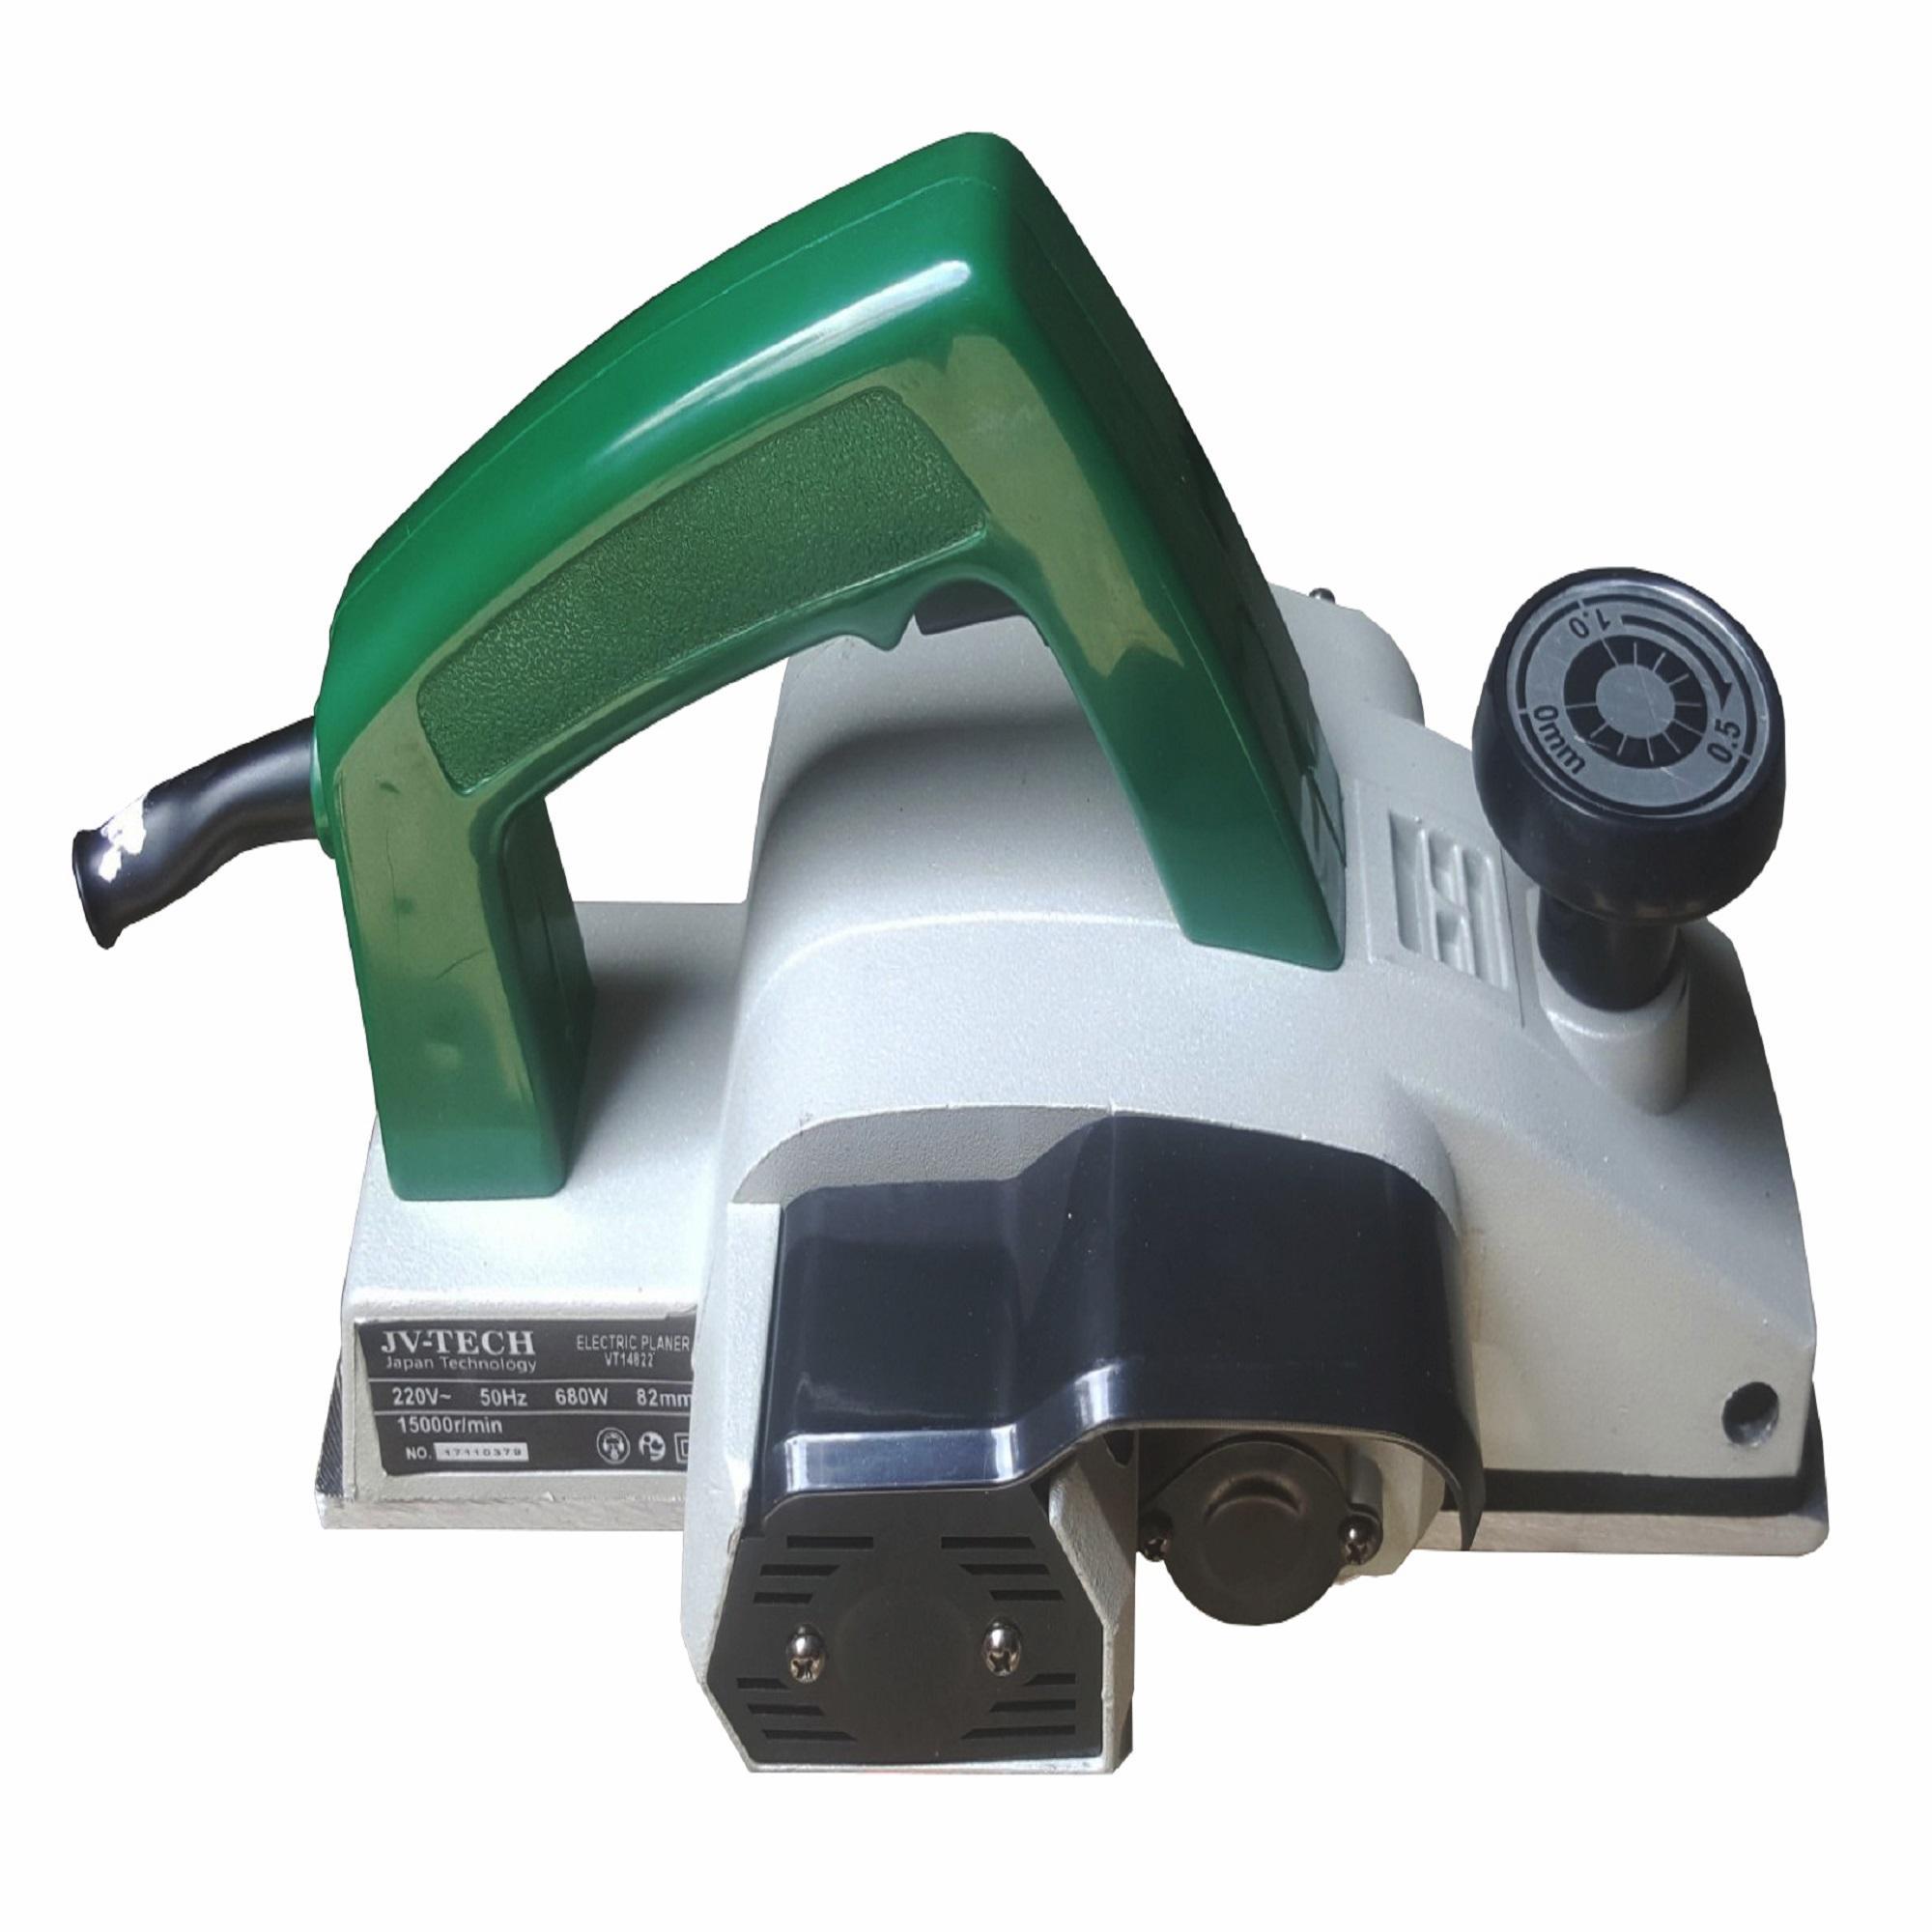 Máy bào gỗ JV-TECH VT14822 850W